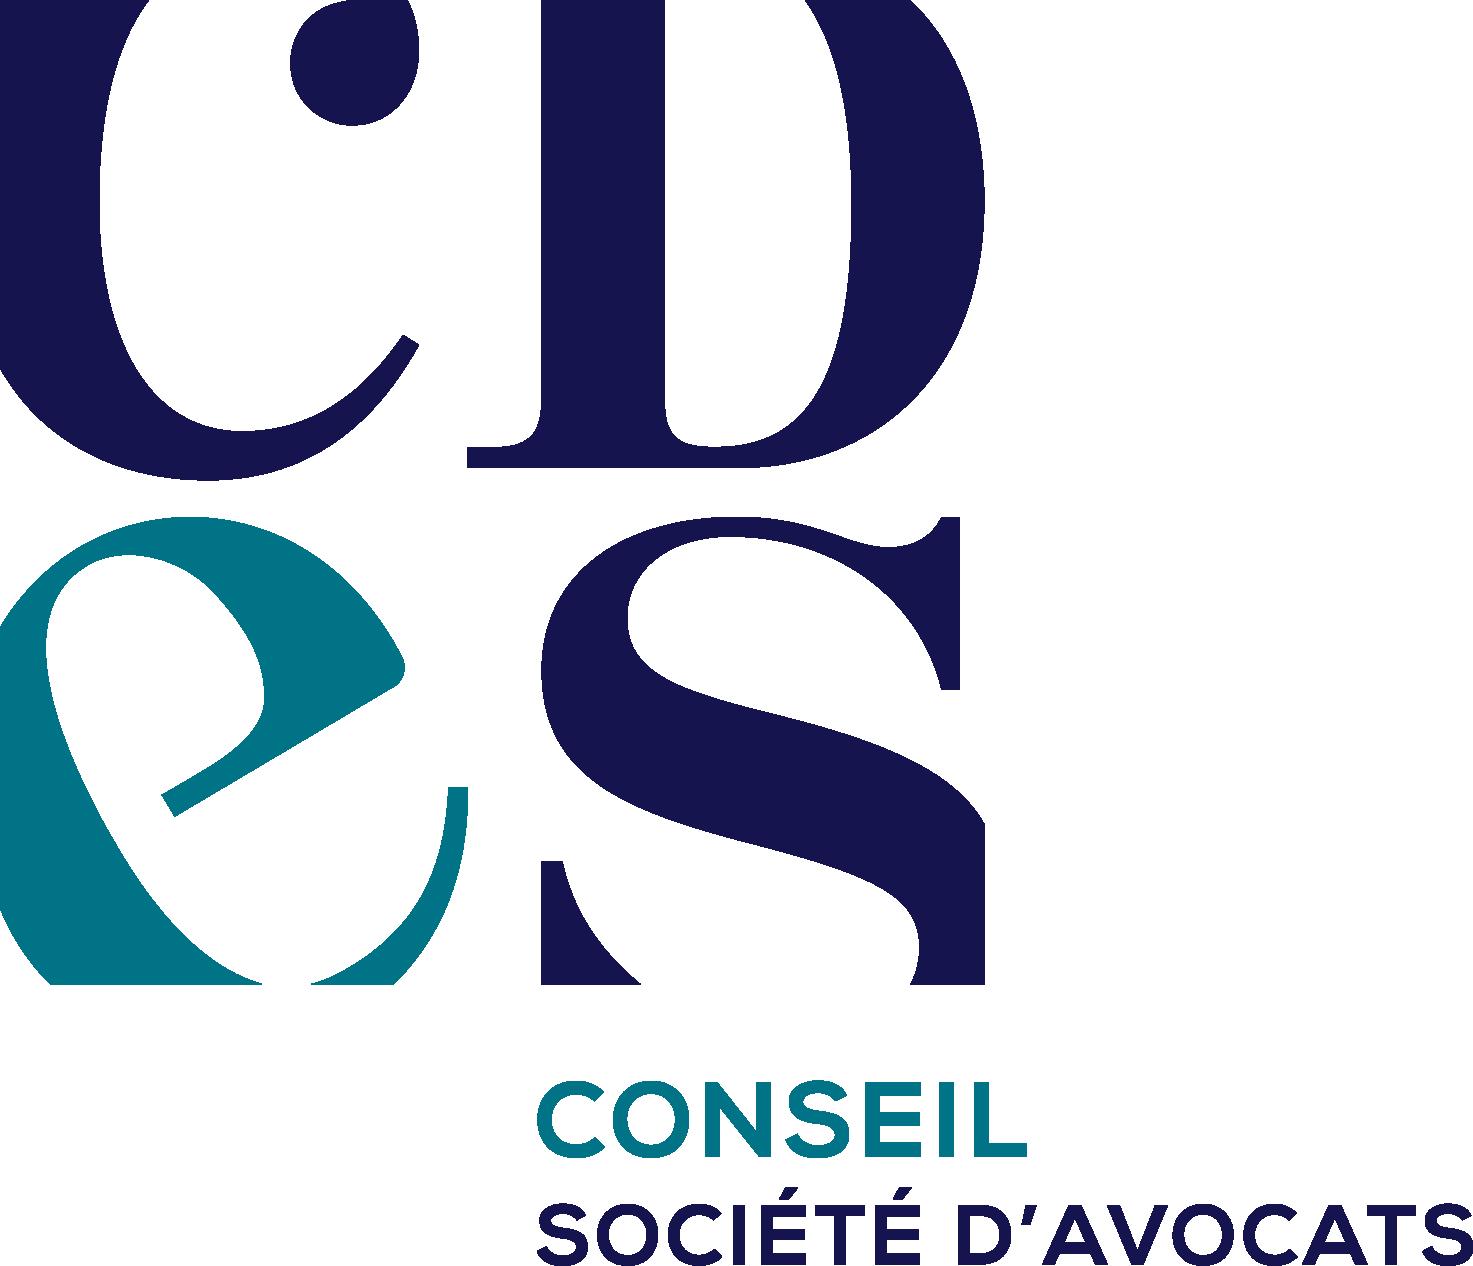 CDES Conseil